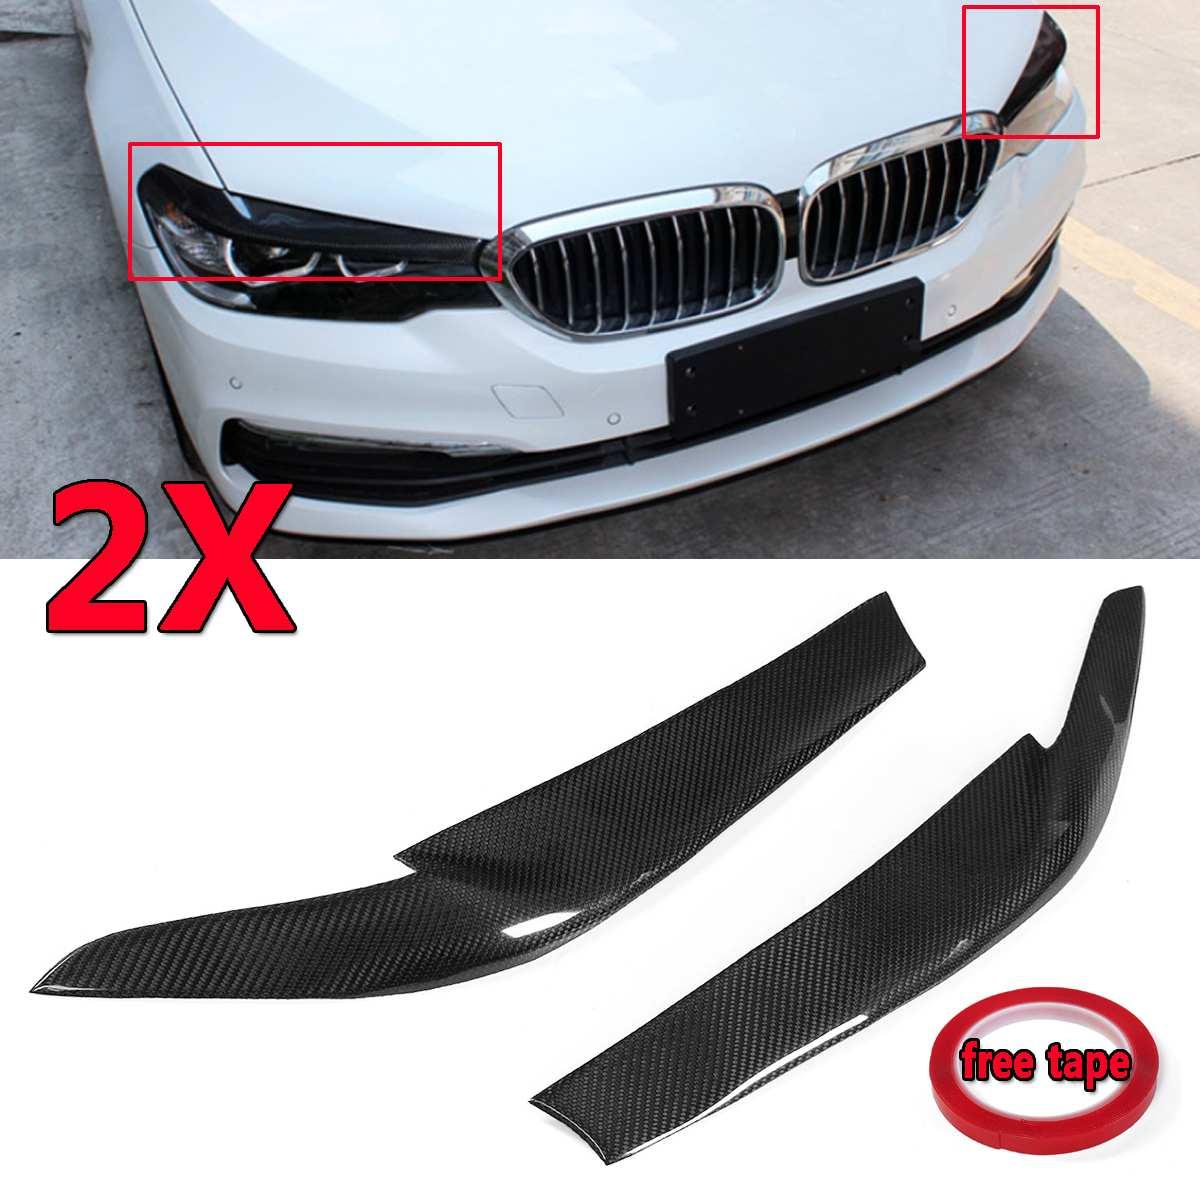 1 xReal fibre de Carbone Avant De la Voiture Phare Paupières Sourcils Couverture Pour BMW G30 530i 540i M550i 2017-2018 Tête couvercle de la lampe Cap Eye Couvercle